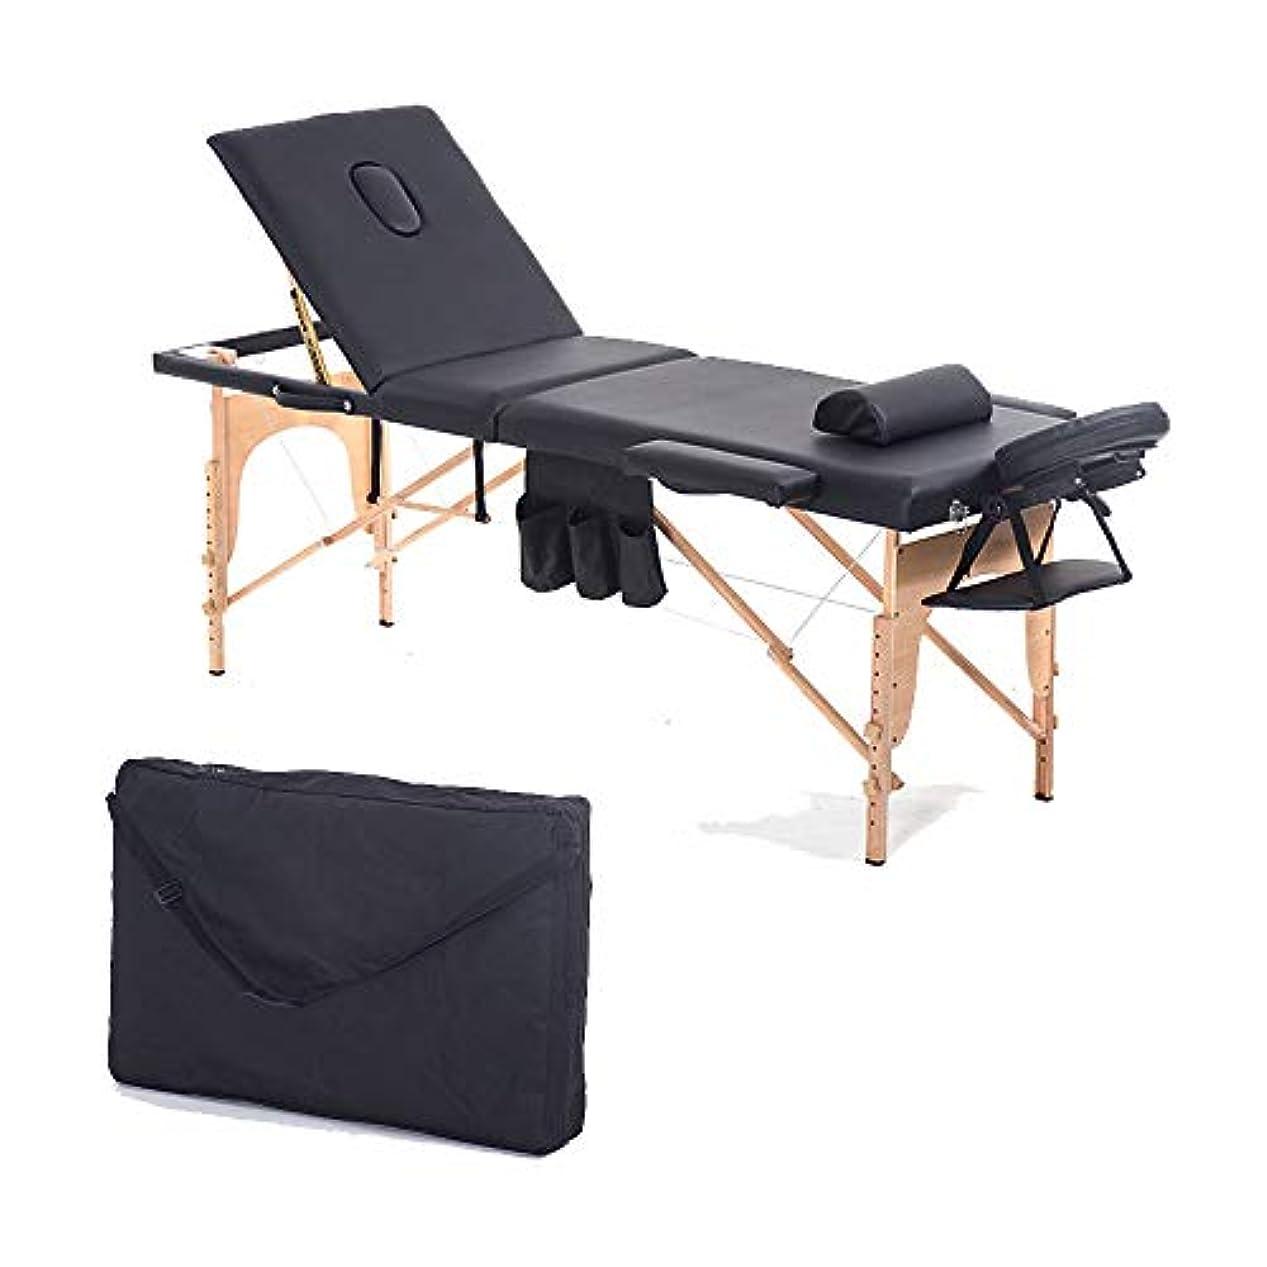 余暇着陸まあ3節マッサージベッドポータブルサロン家具木製ベッド折り畳み式のビューティーボディ?フェイシャル?スパタトゥータイマッサージベッド